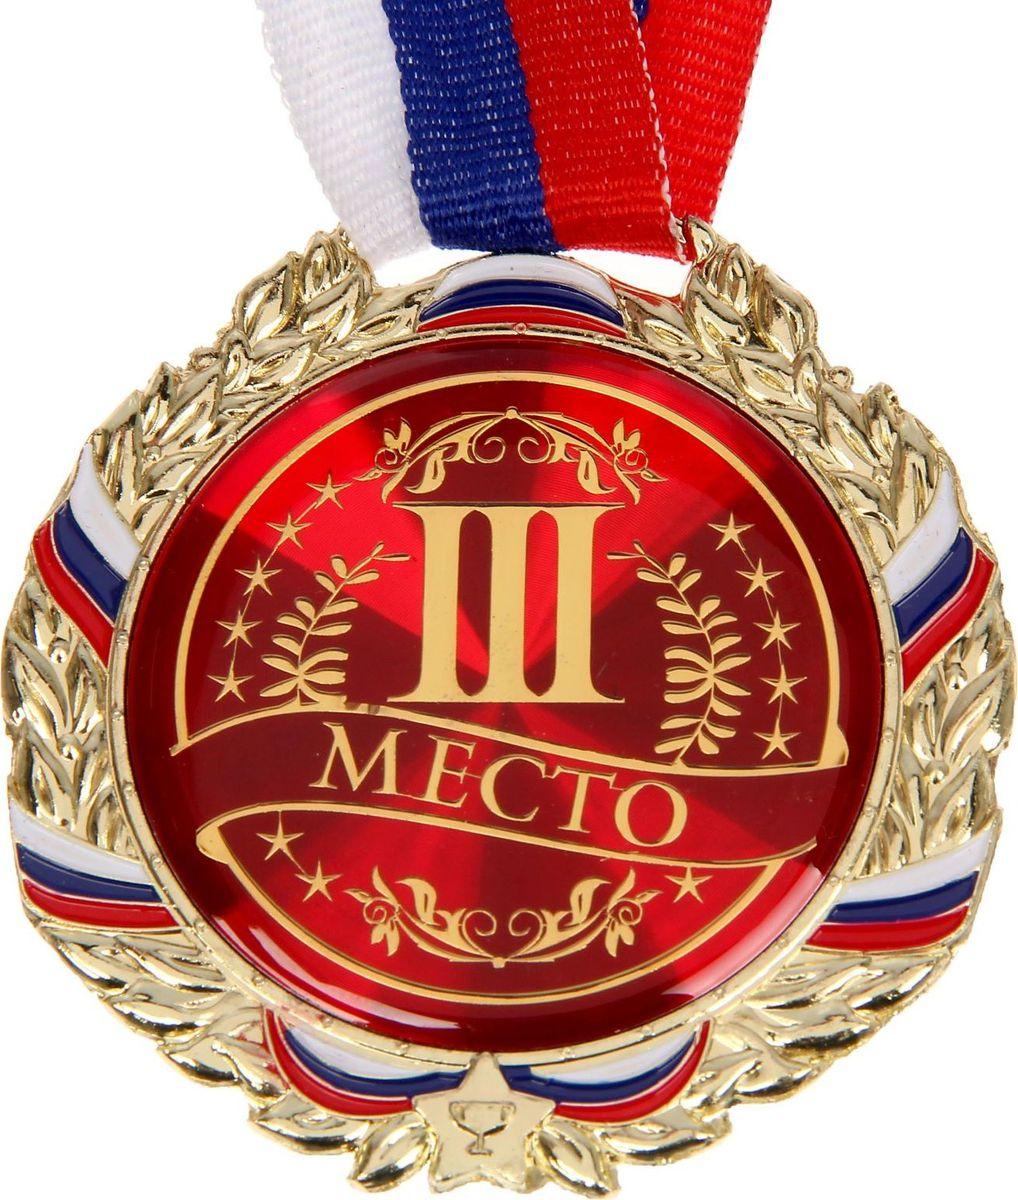 Медаль сувенирная 3 место, цвет: бронзовый, диаметр 7 см. 006529655Эта универсальная медаль с классическим, торжественным дизайном подойдёт для любых соревнований. вы сможете дополнить её персональной гравировкой или корпоративной символикой. Если вы захотите подчеркнуть важность домашнего или корпоративного спортивного мероприятия, оригинальным и запоминающимся итогом соревнований будет вручение медалей участникам и победителям. Характеристики:Диаметр медали: 7 см Ширина ленты: 2,5 см.